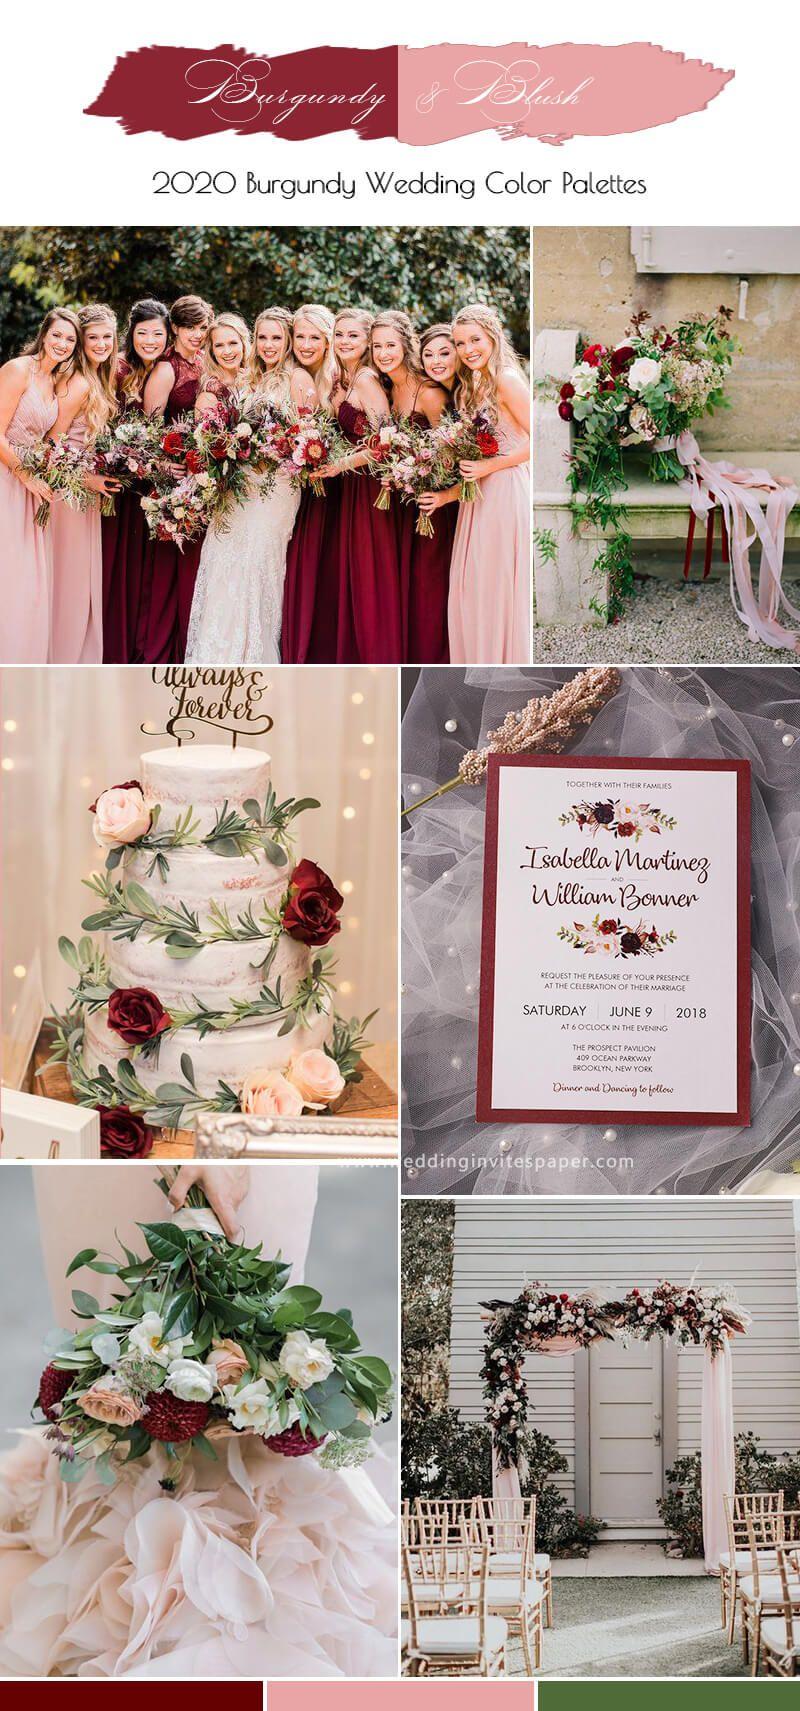 1576633026641091.jpg in 2020 Wedding colors, Burgundy